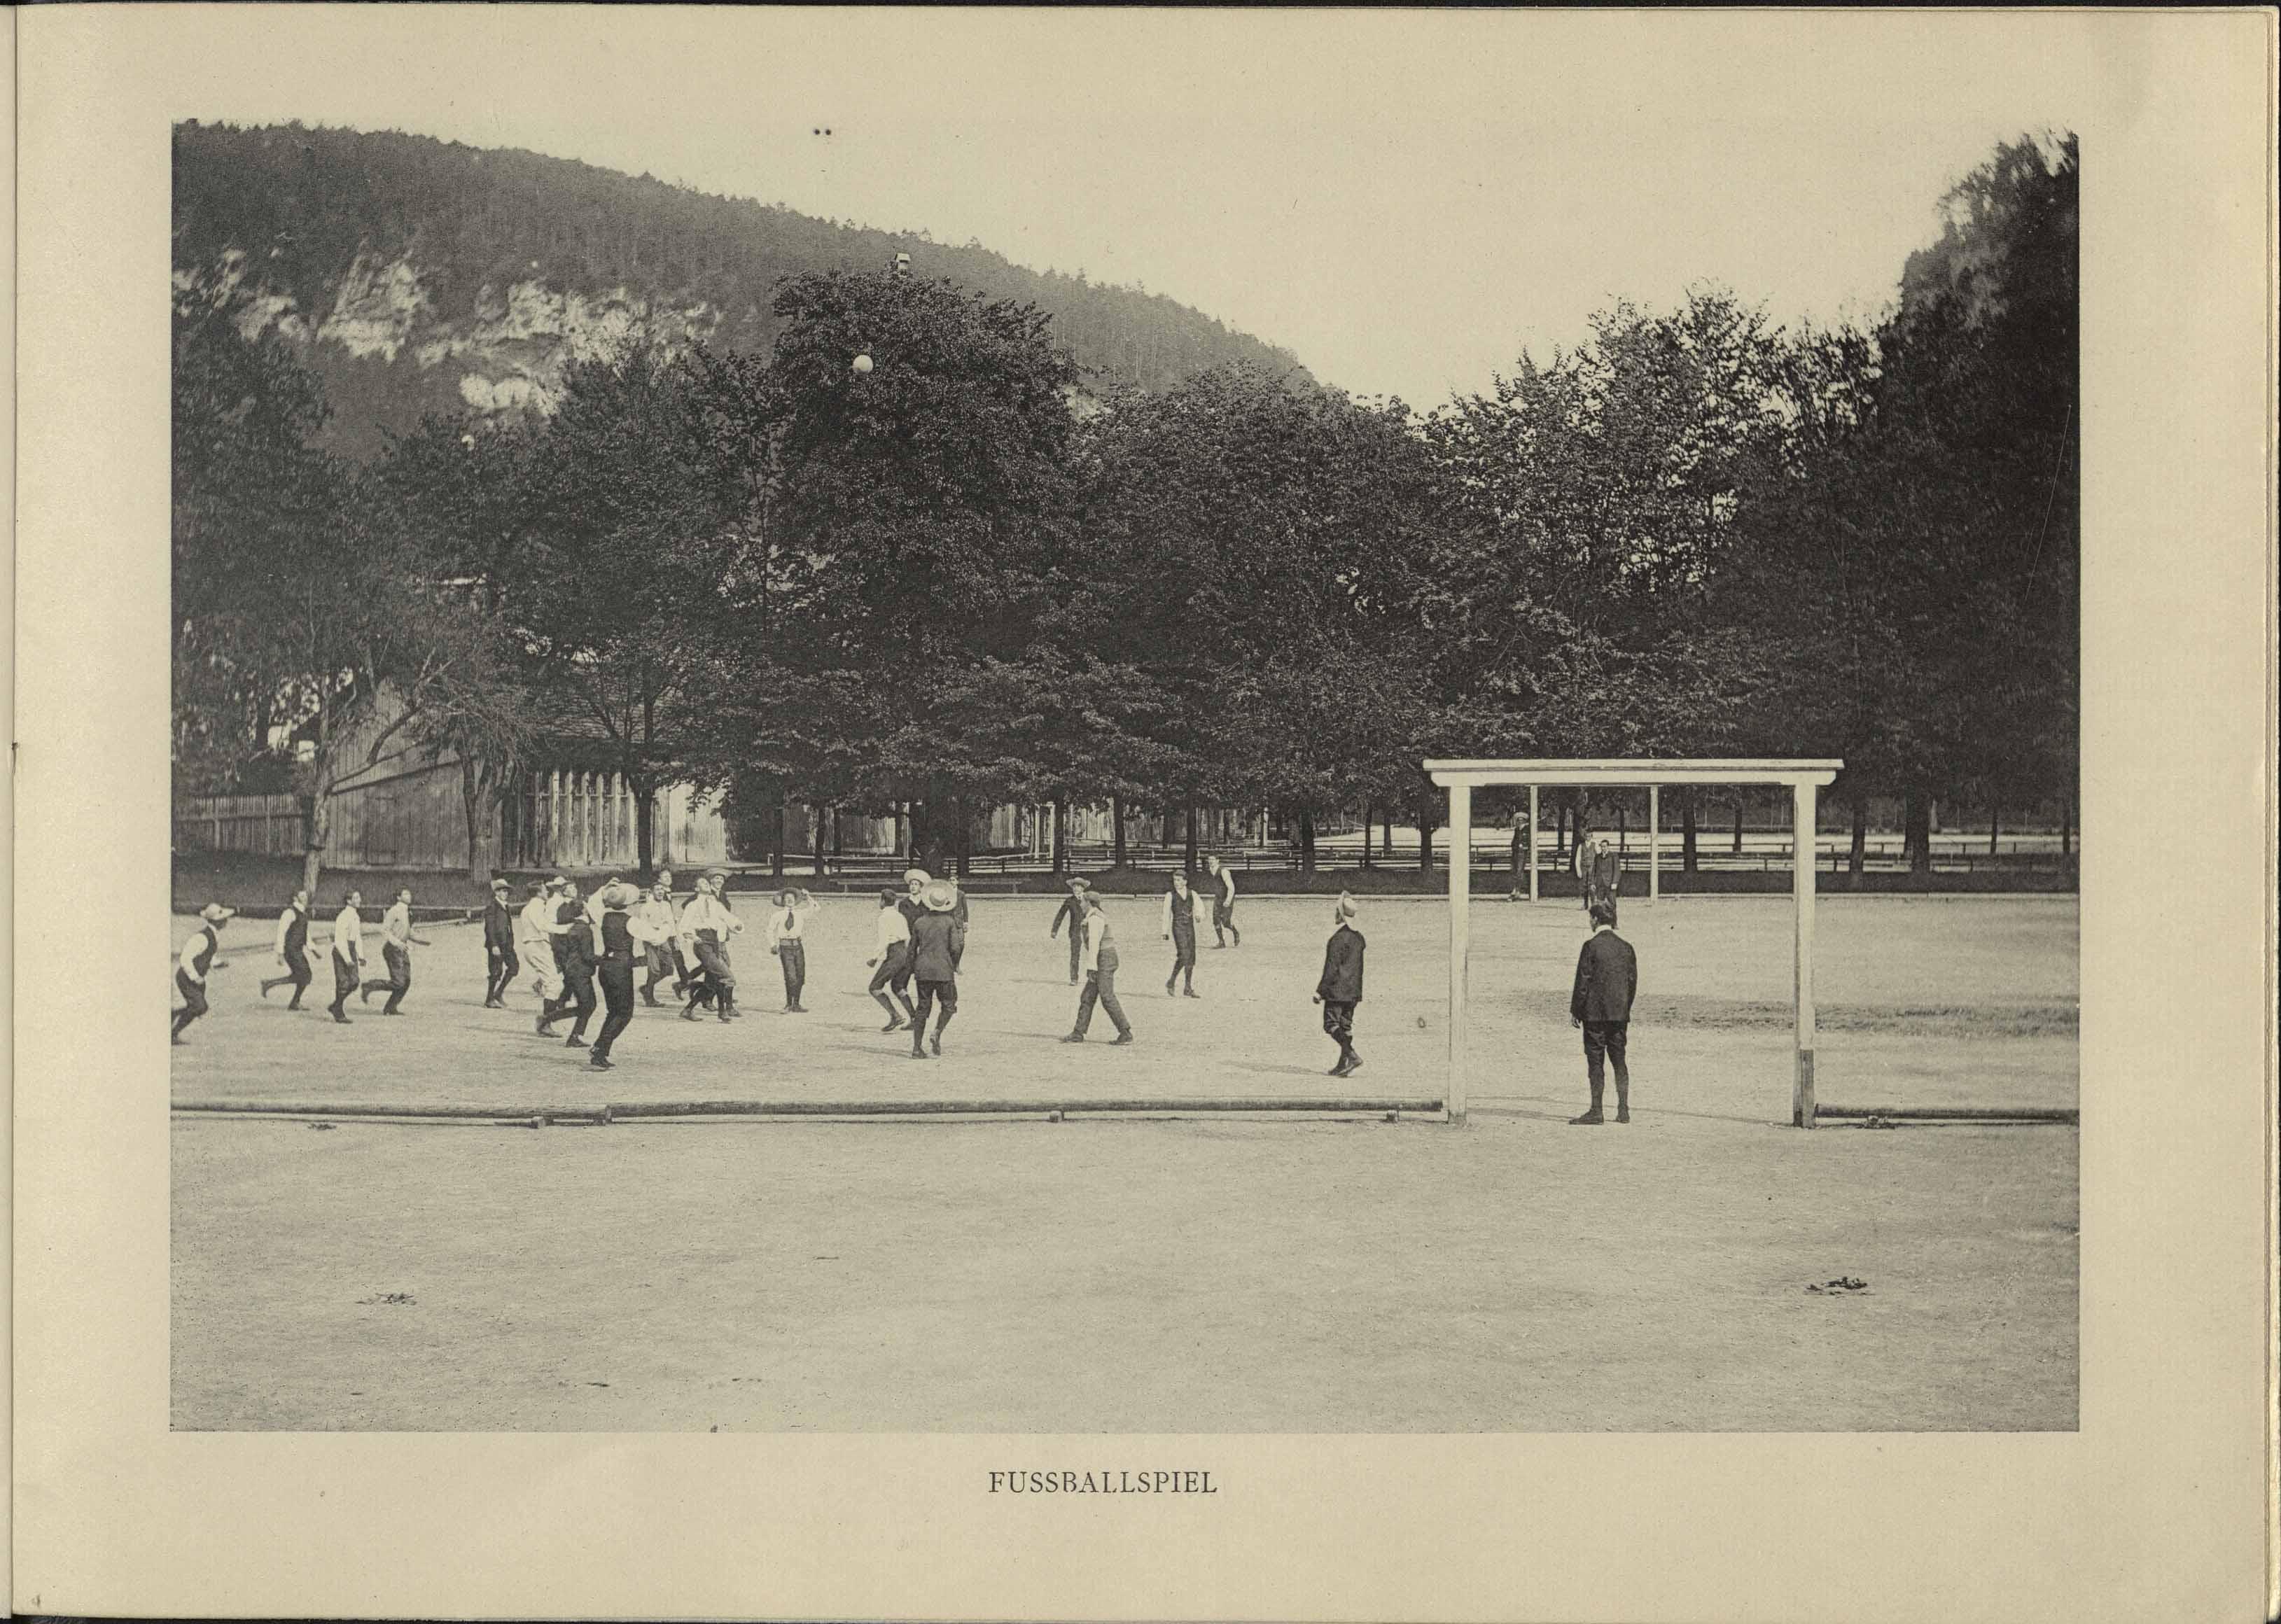 Fussballspiel 1904